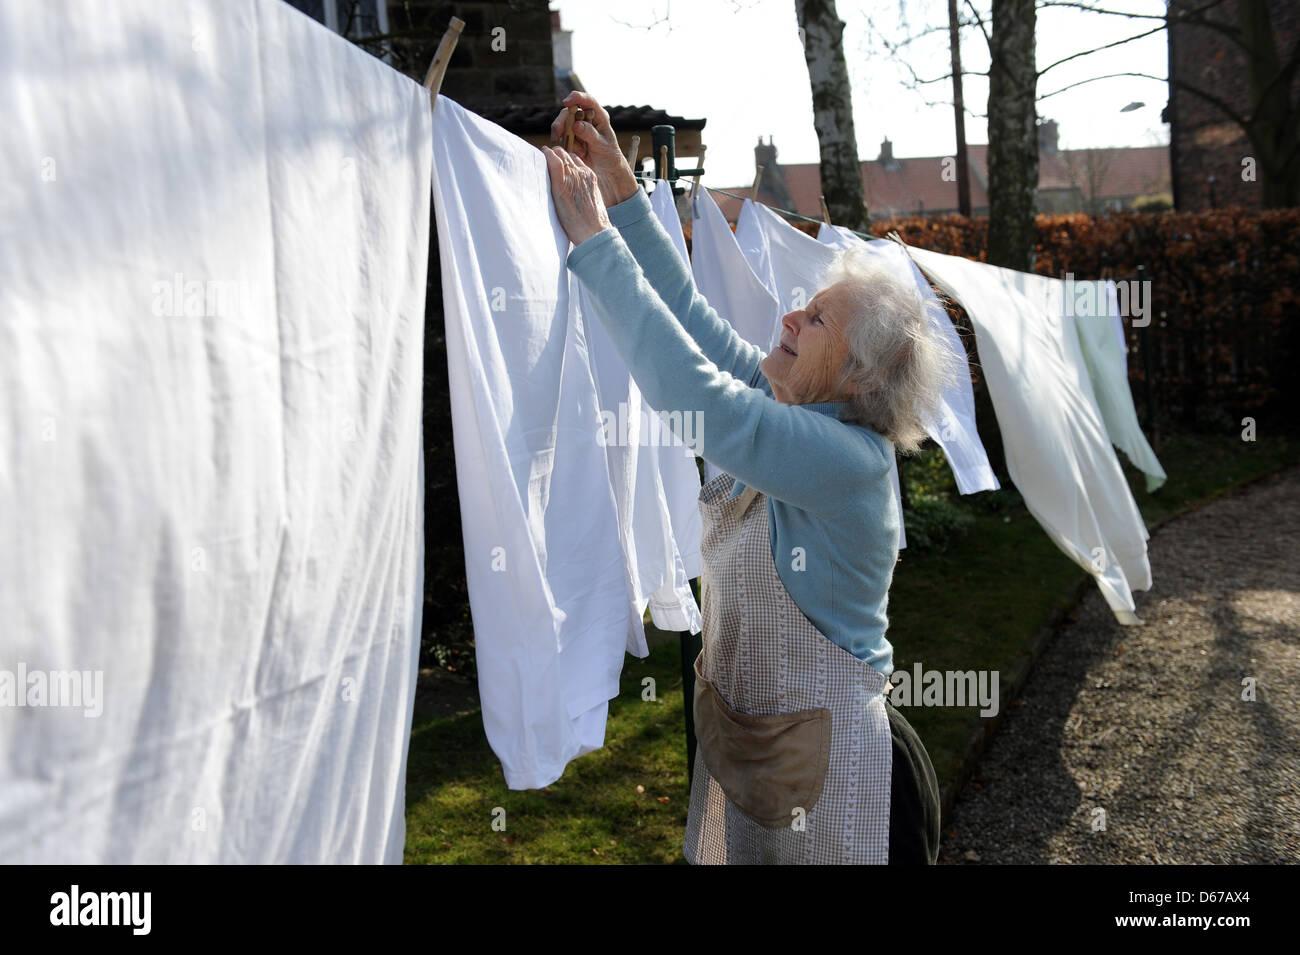 Ältere Rentner eine Linie des Waschens auf ihrer Wäscheleine im April hängen. Stockbild